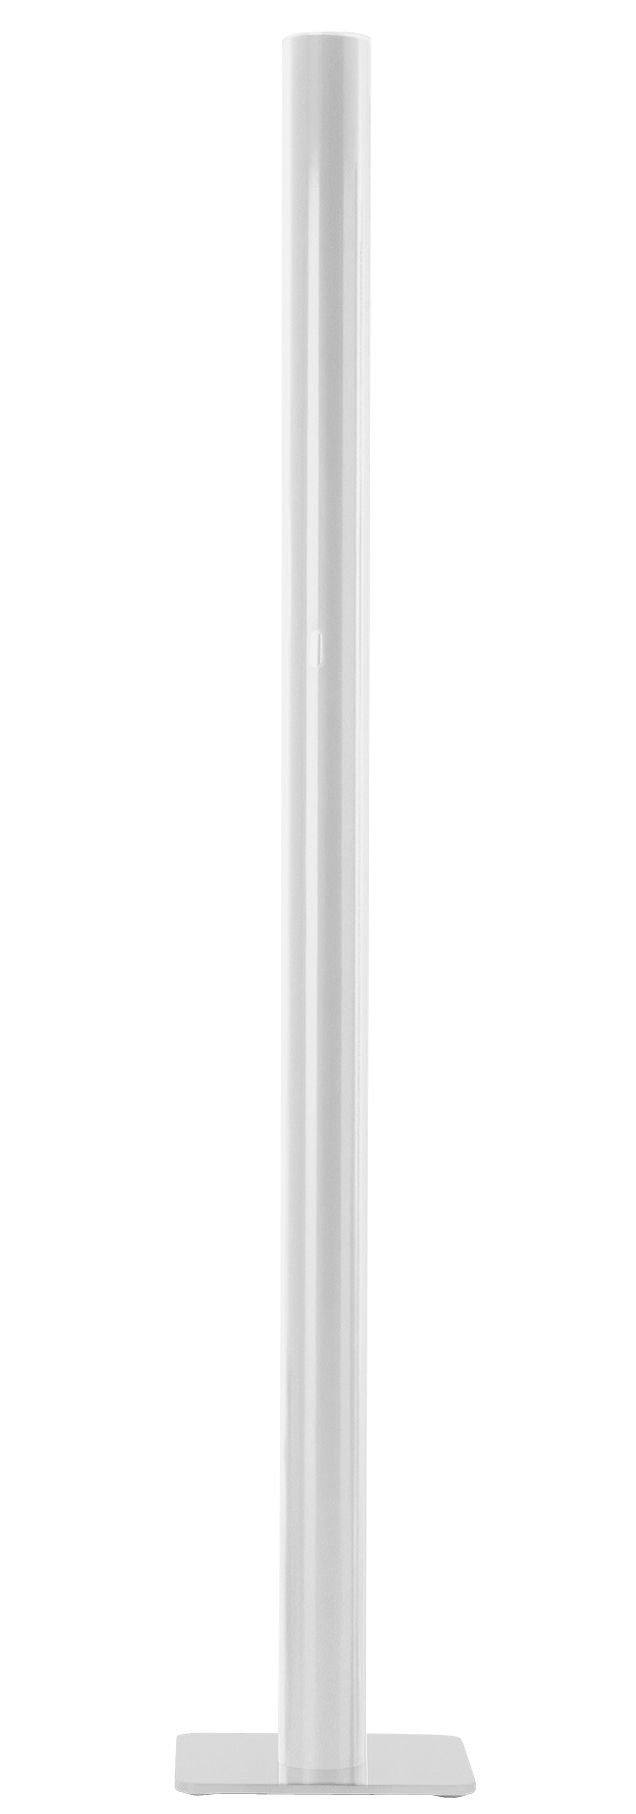 Leuchten - Stehleuchten - Ilio LED Stehleuchte / Bluetooth - H 175 cm - Artemide - Weiß - bemalter Stahl, bemaltes Aluminium